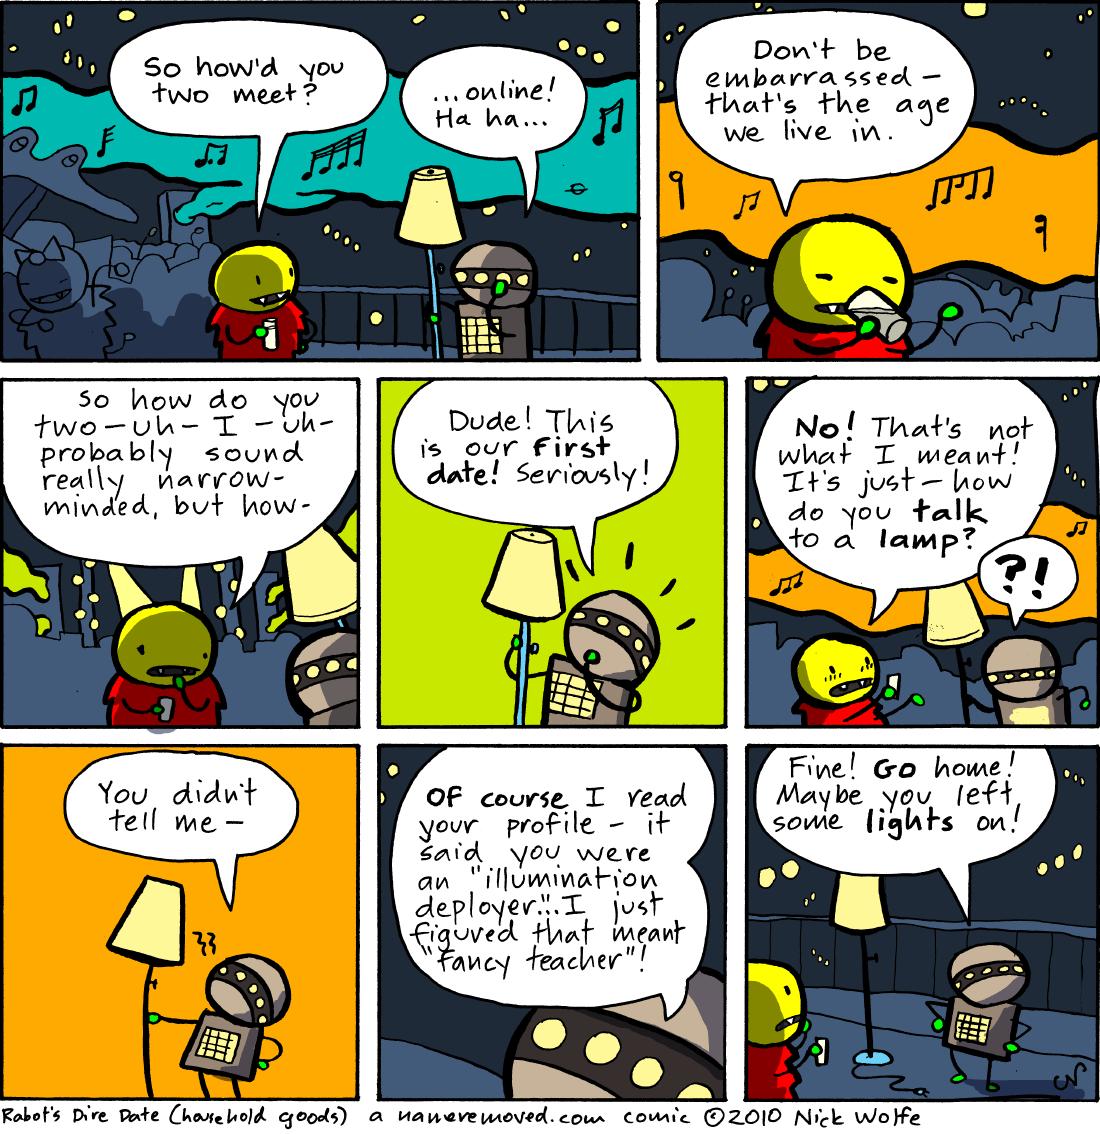 Rabot's Dire Date (household goods)